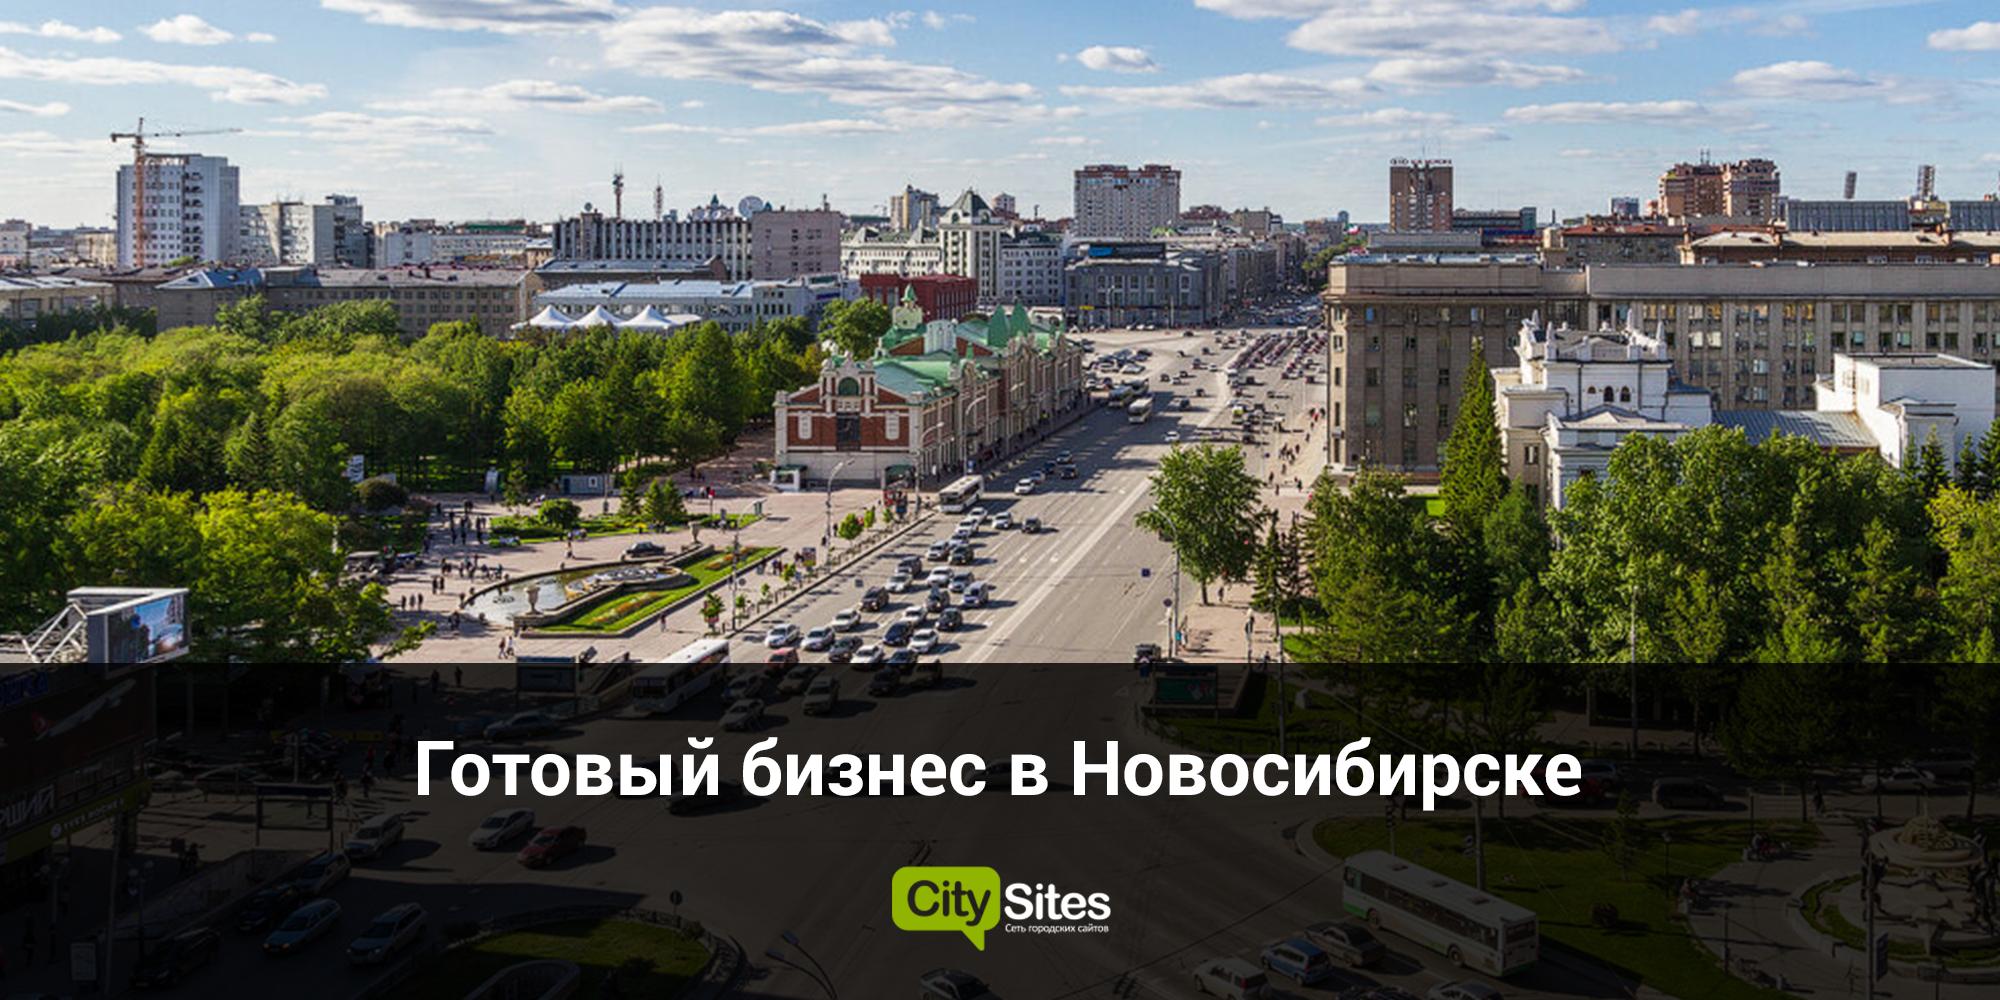 готовый бизнес в новосибирске